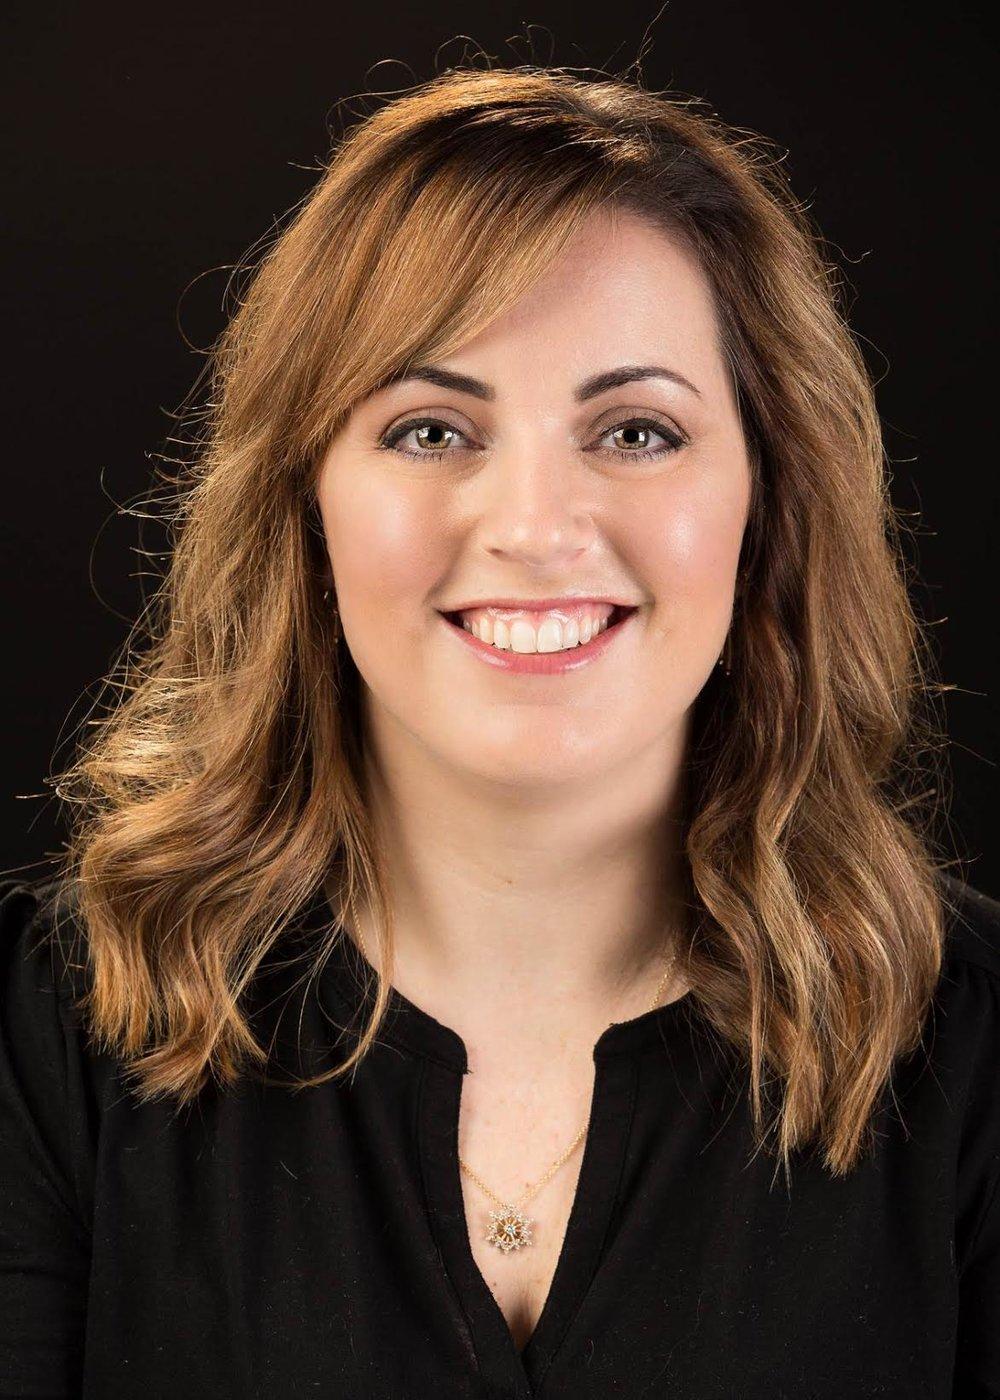 Emily Tilgner